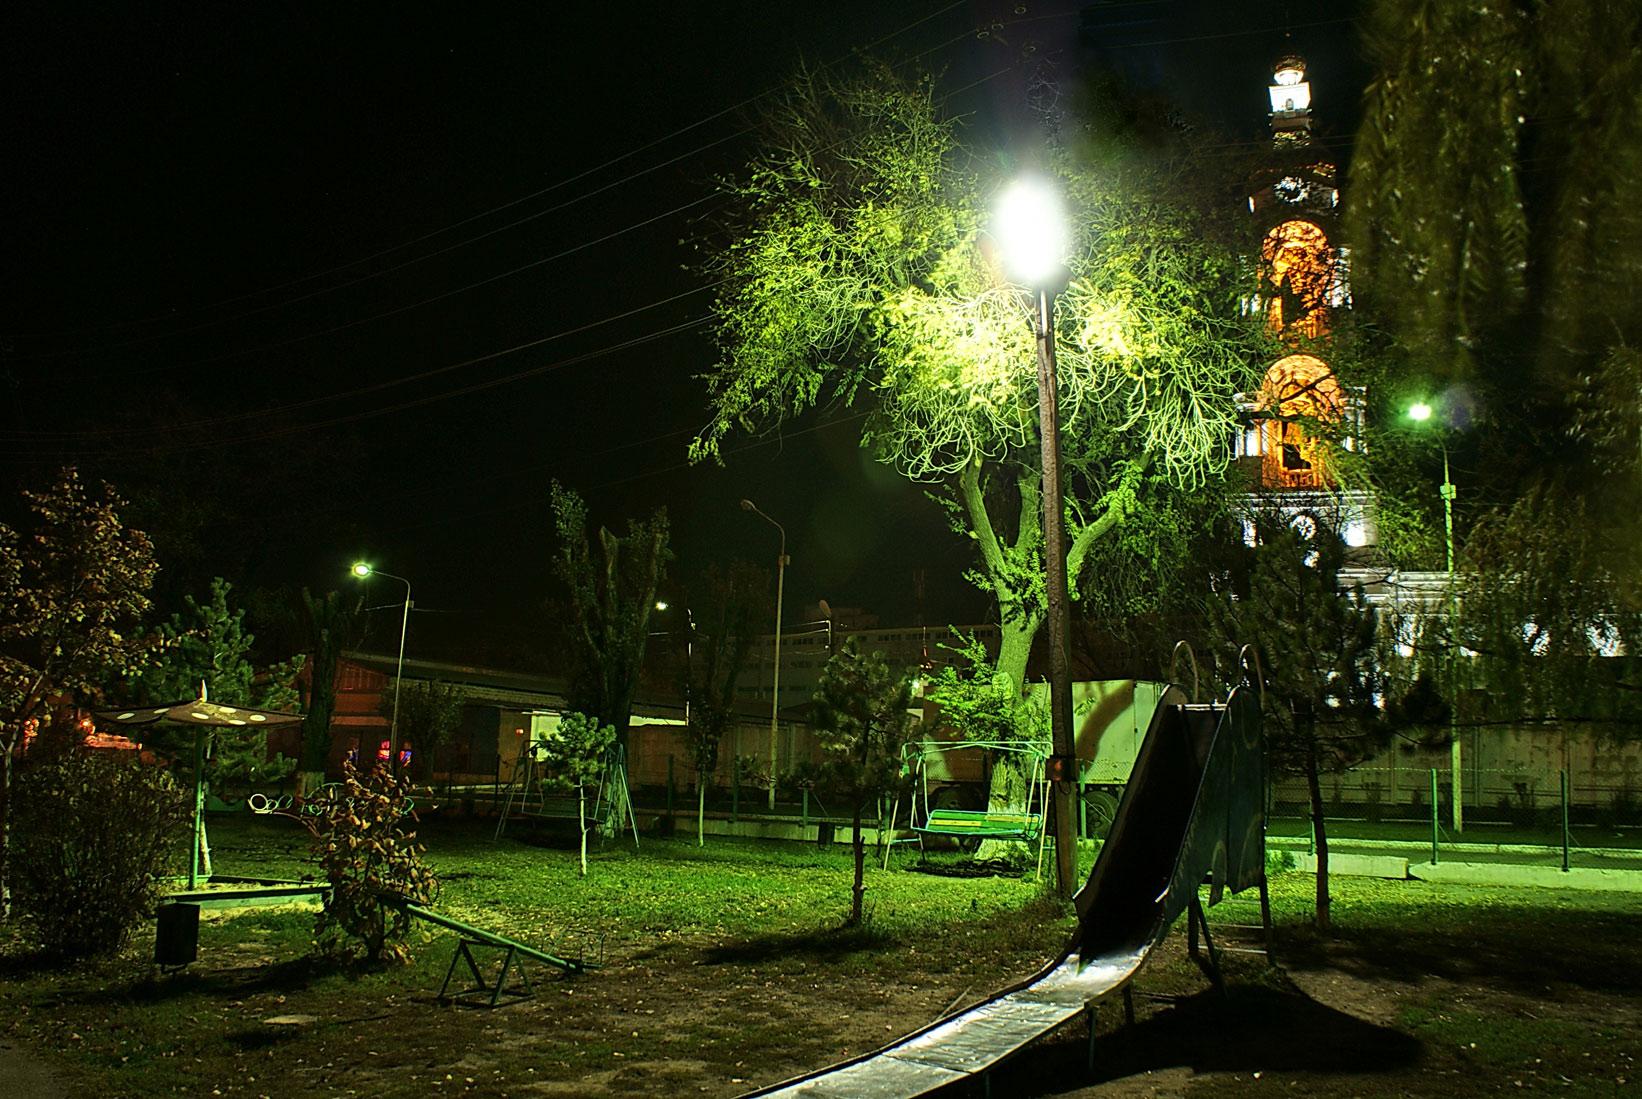 размеры уличных фонарей